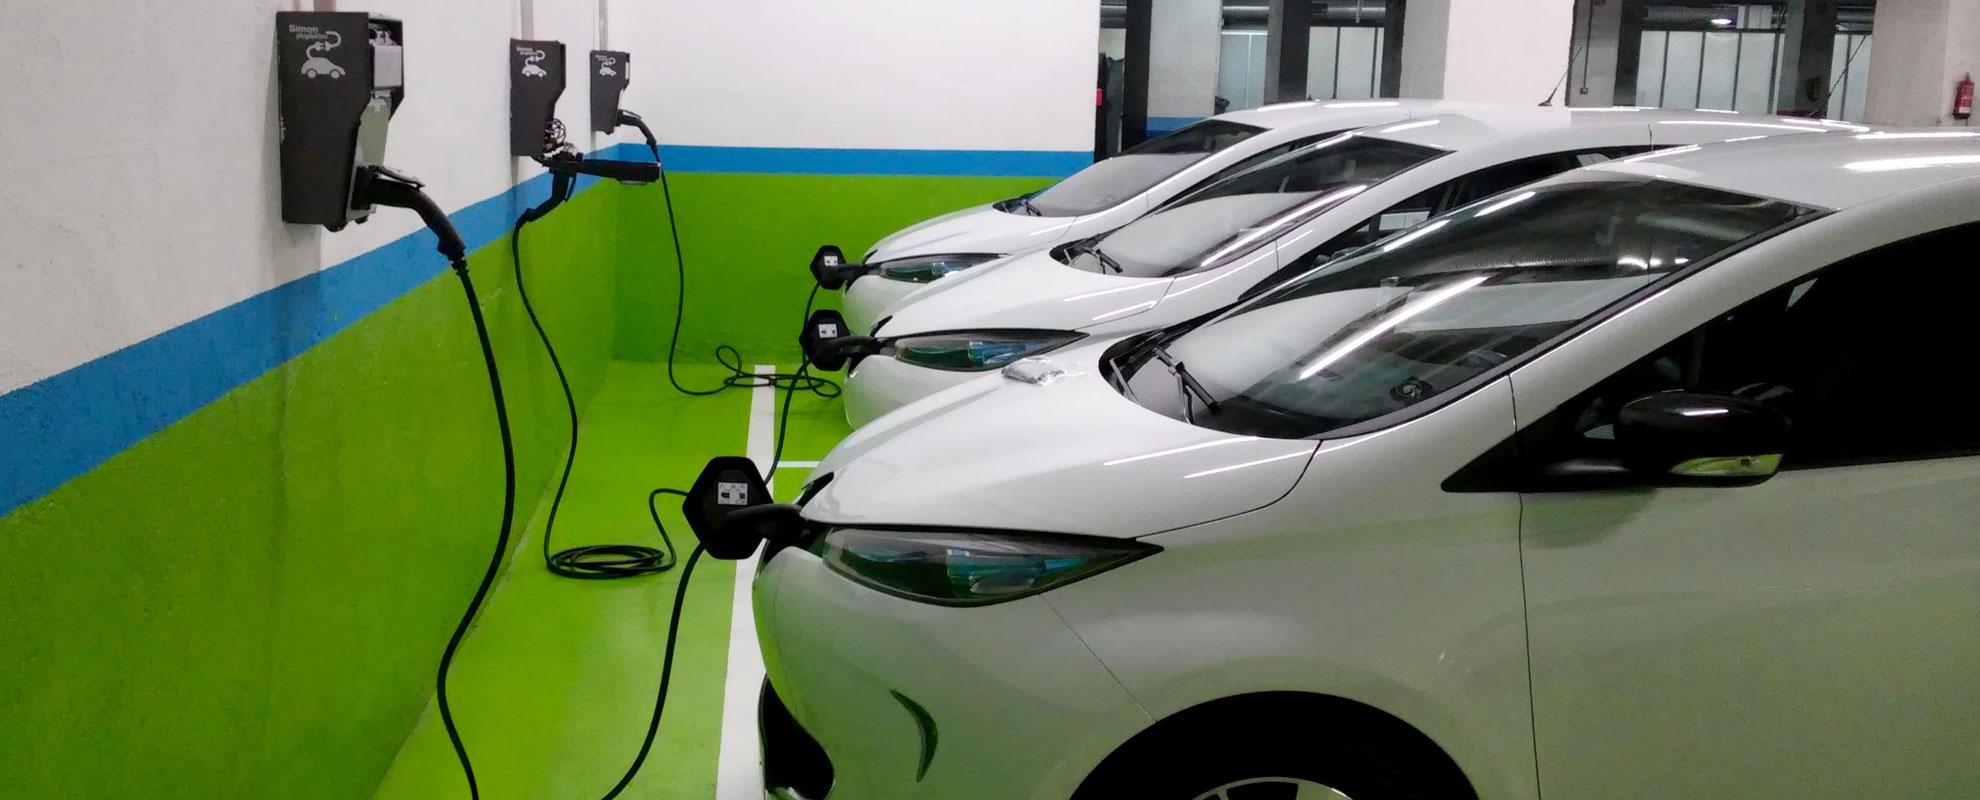 Instalación de puntos de recarga para vehículos eléctricos enchufables en Madrid